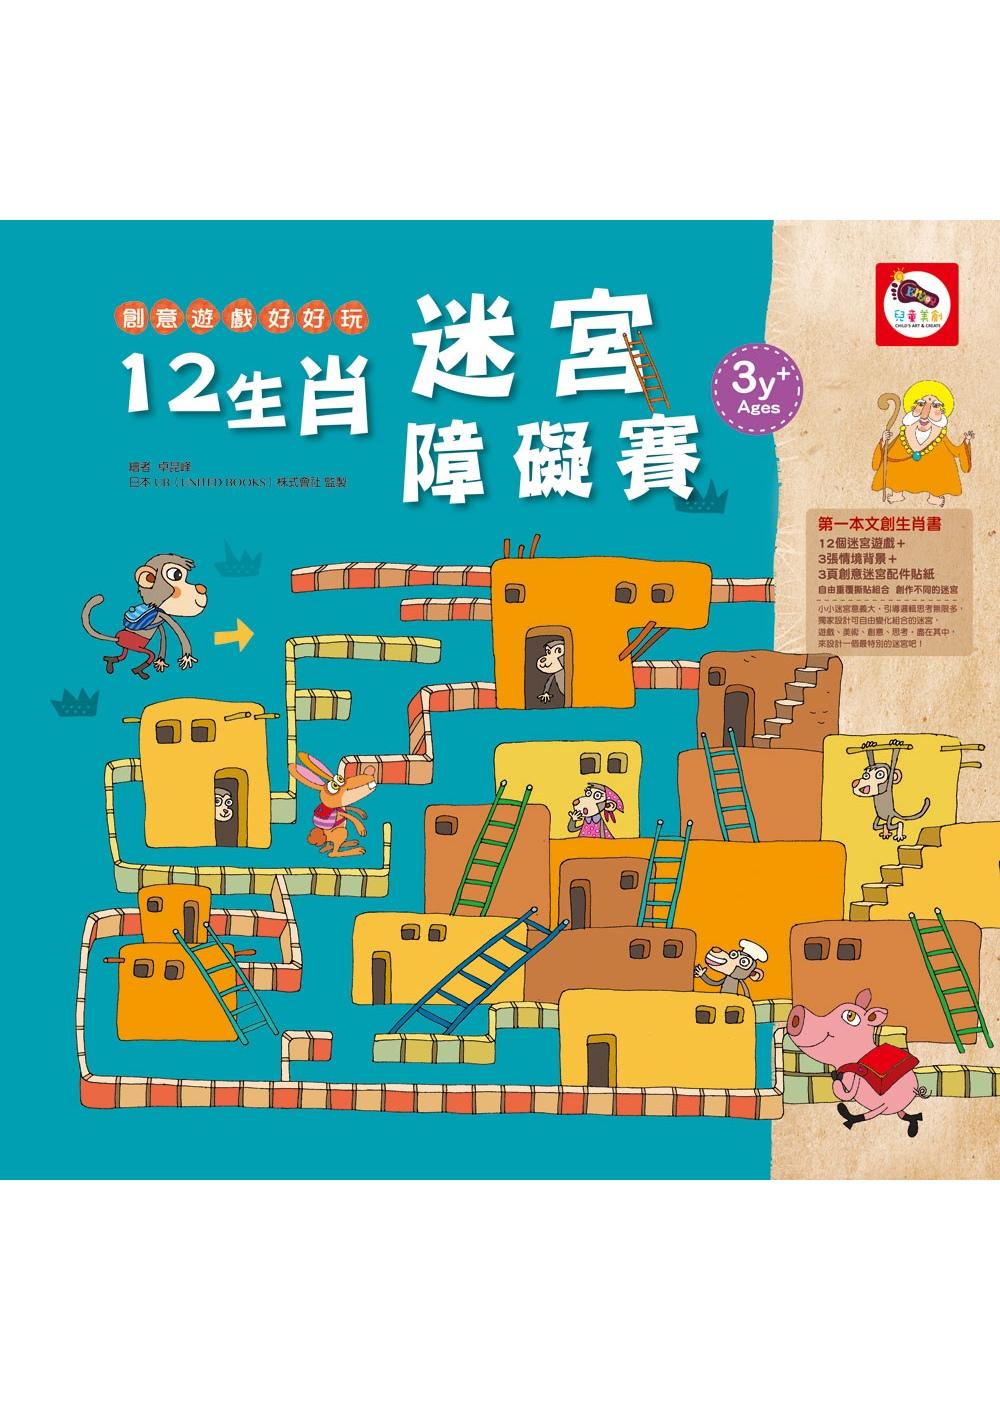 創意遊戲好好玩:12生肖迷宮障礙賽(文創生肖迷宮遊戲書-內附:3張創意迷宮配件貼紙)